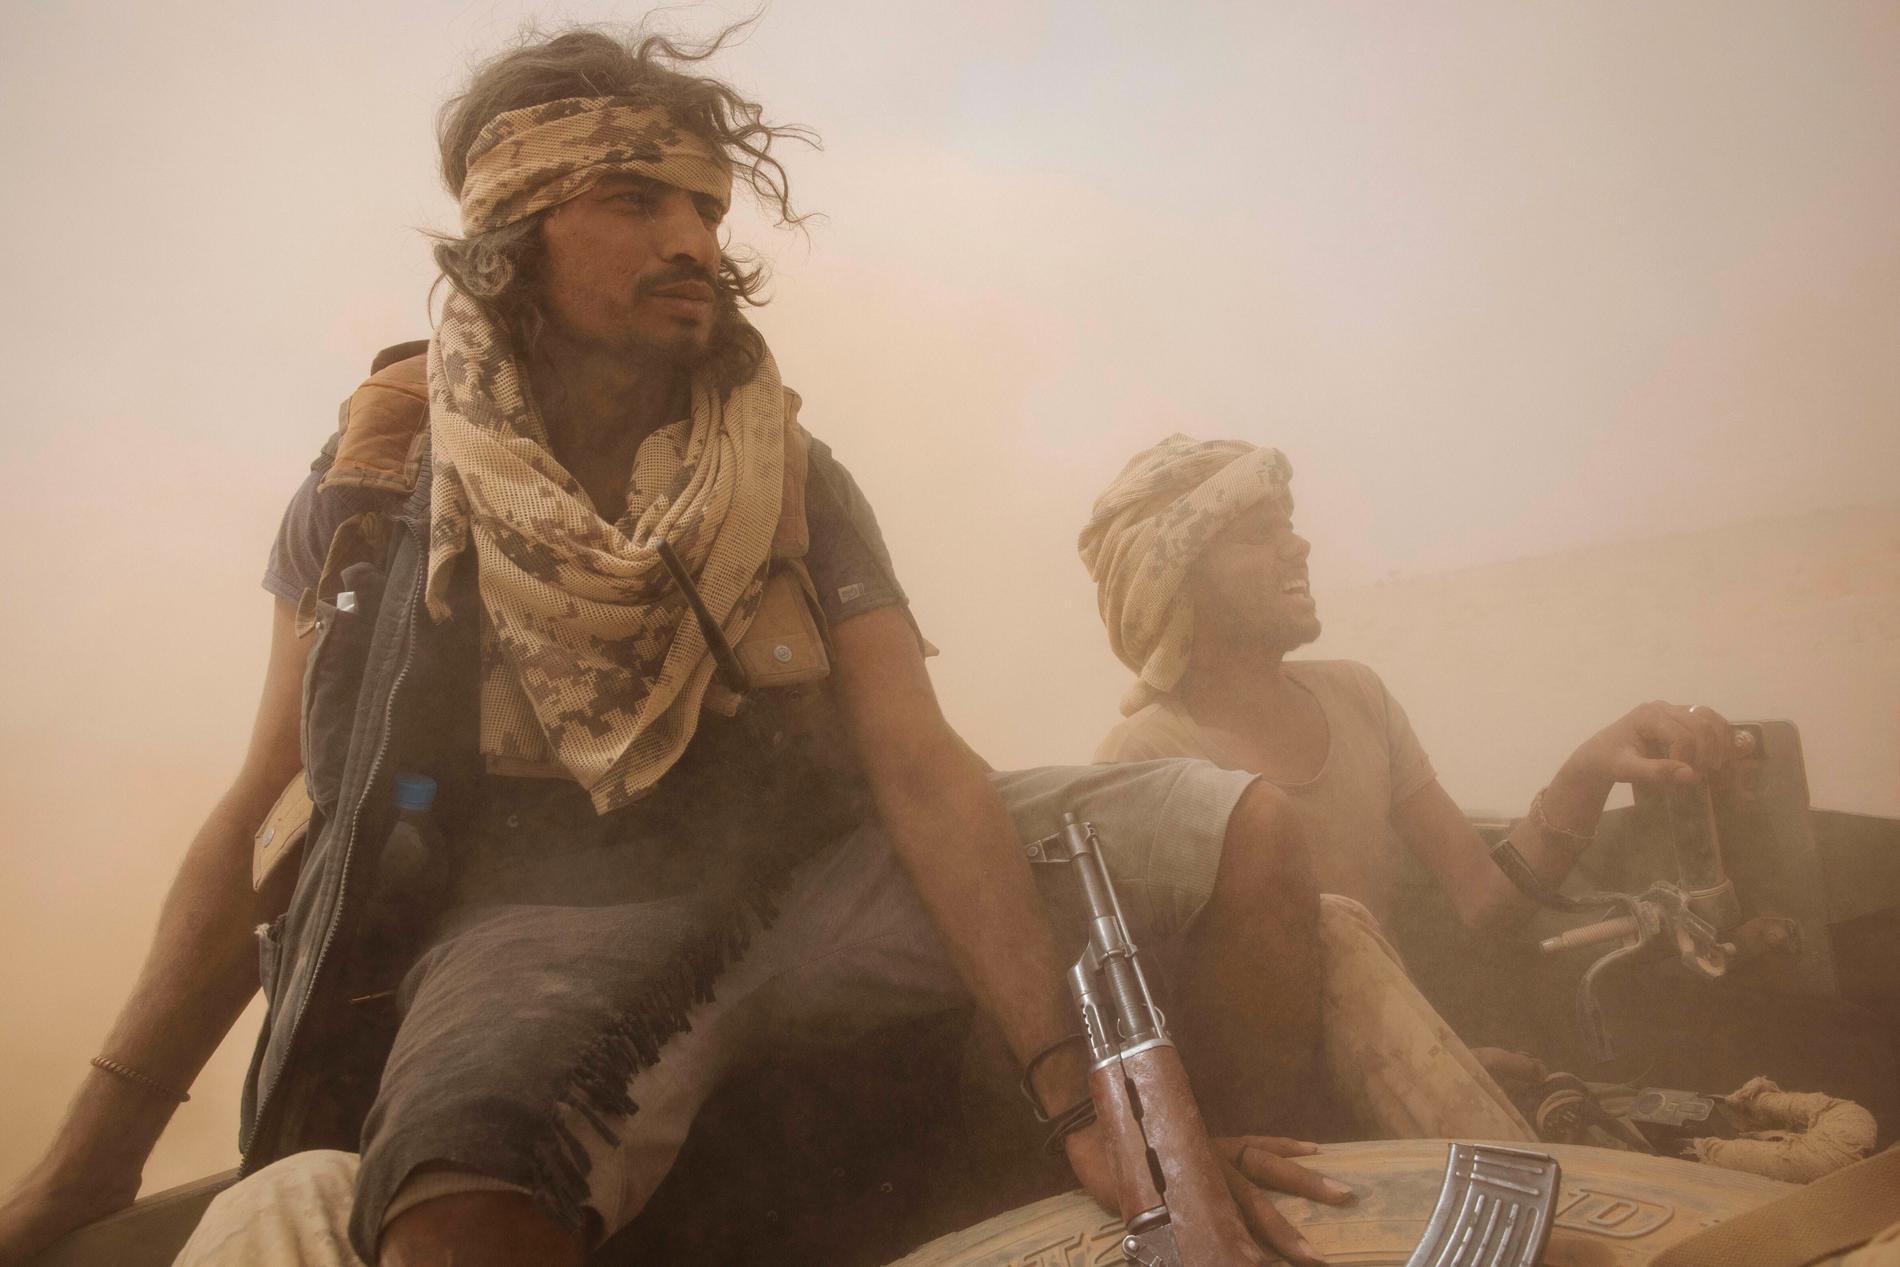 Jemenitiska regeringssoldater nära oljestaden Marib, fotograferade i somras.